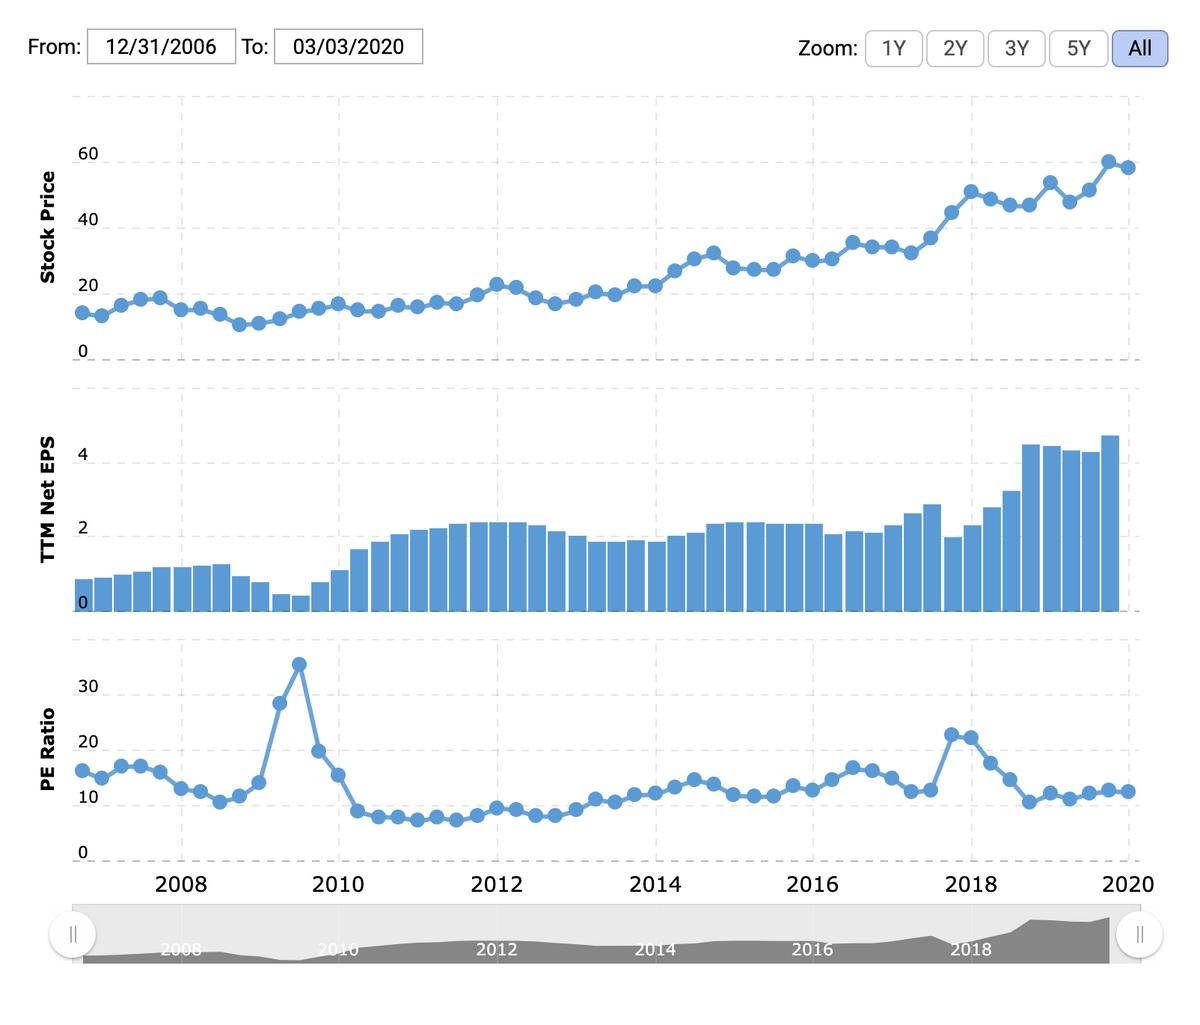 Цена акции в долларах, прибыль на акцию в долларах, P / E. Источник: Macrotrends